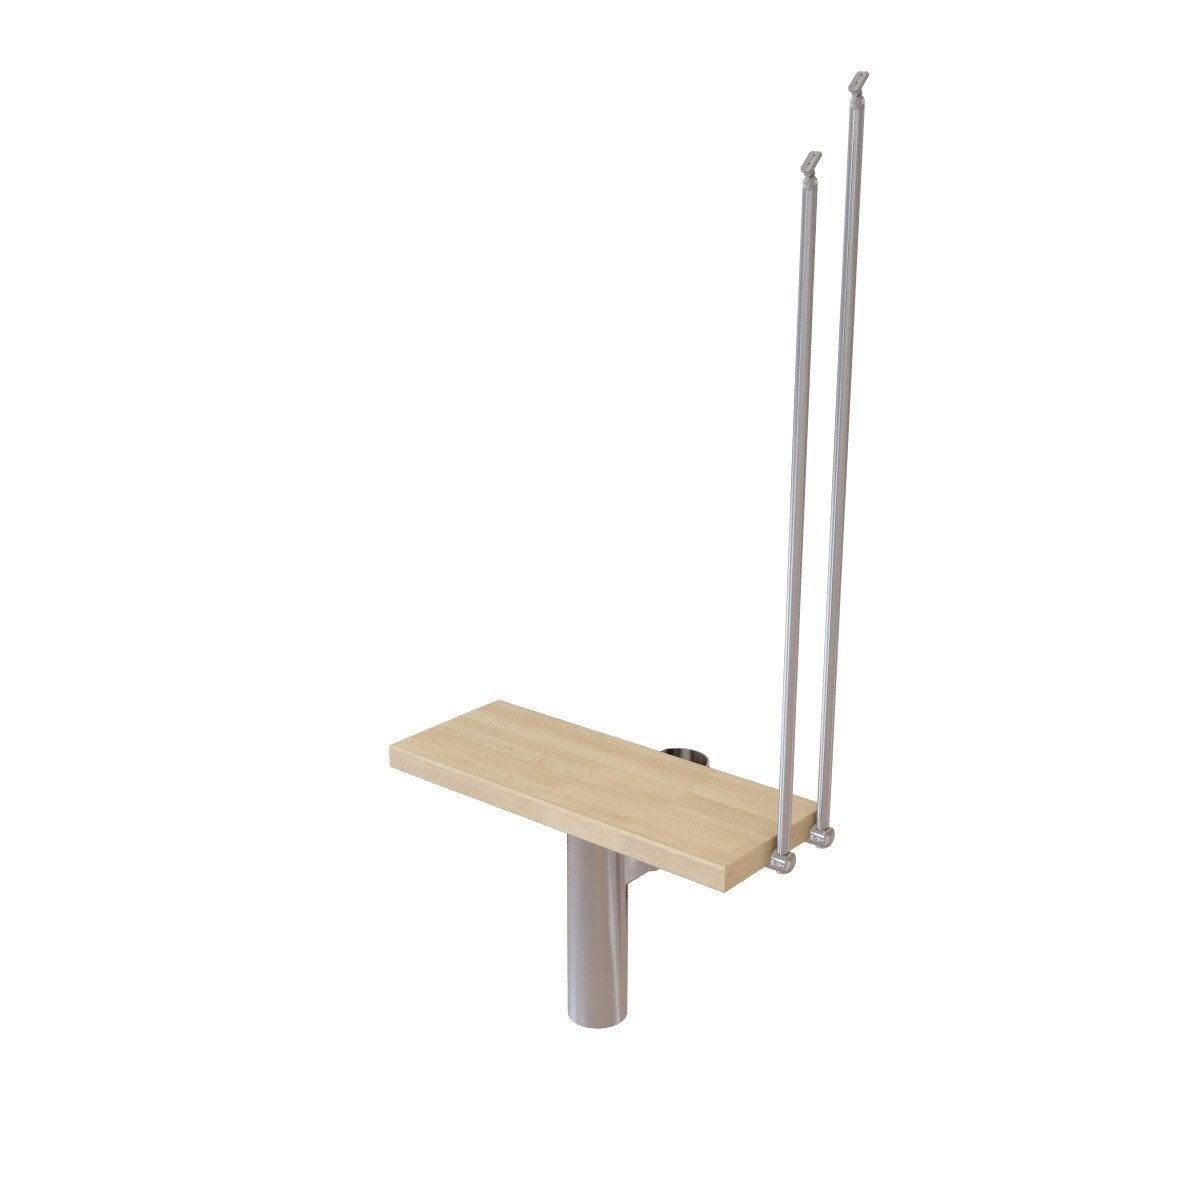 hauteur pour escalier long chrom bois clair larg 90 cm leroy merlin. Black Bedroom Furniture Sets. Home Design Ideas